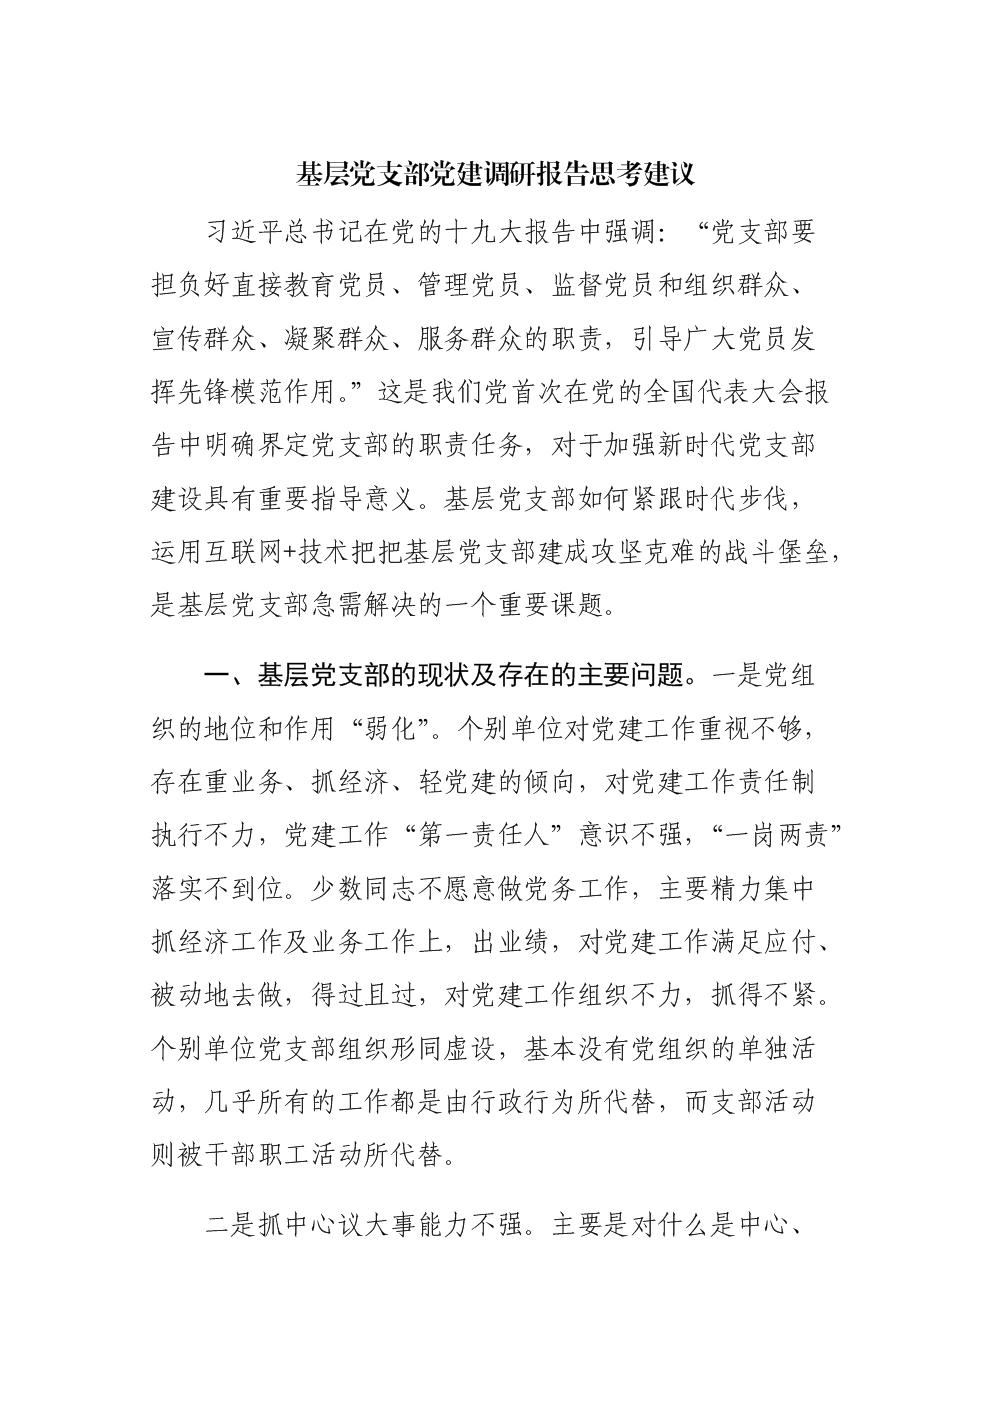 基层党支部党建调研报告思考建议.docx